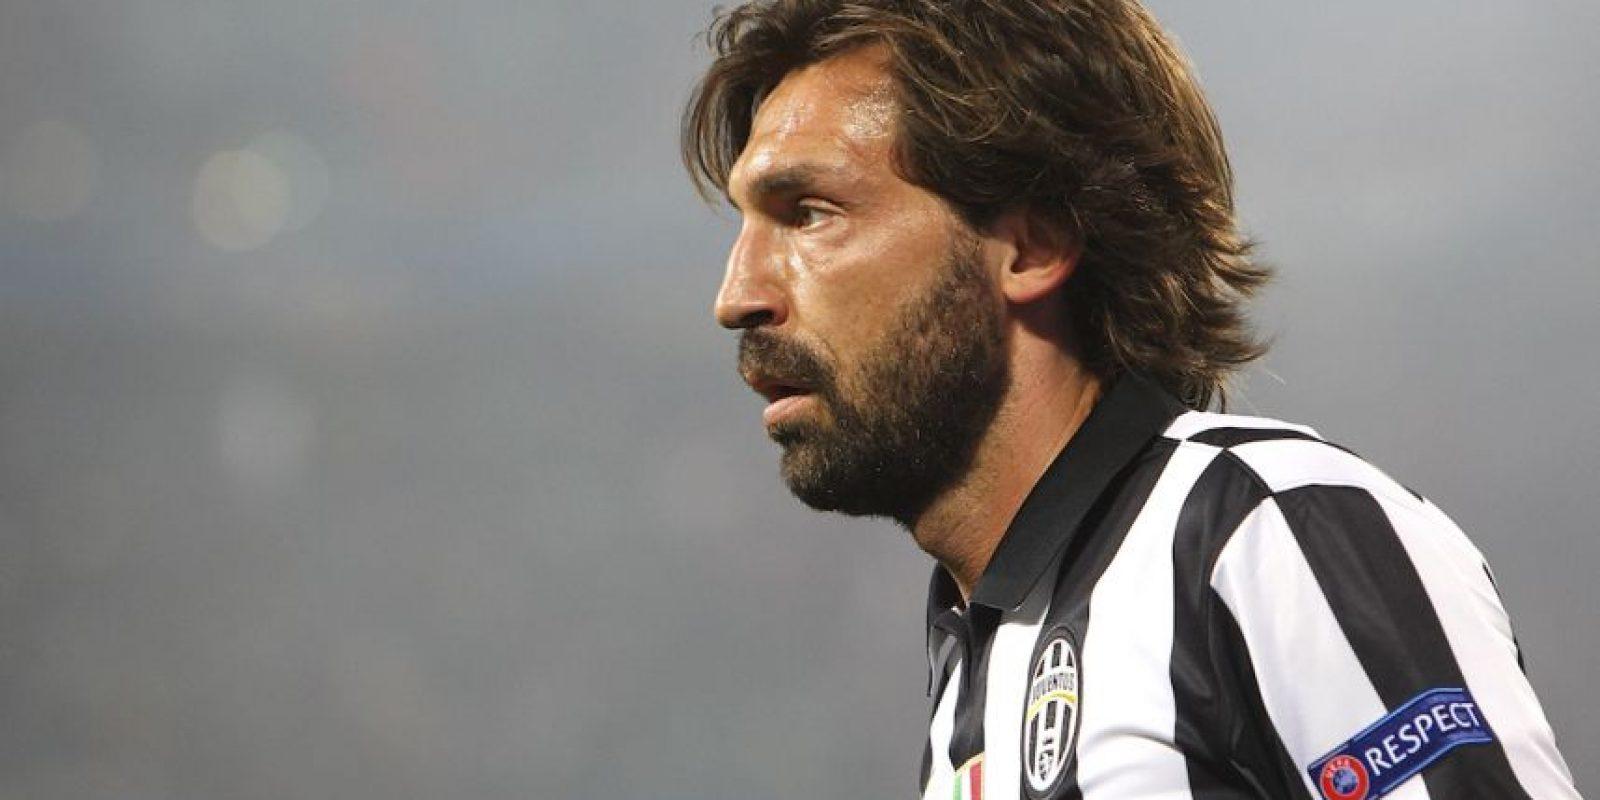 Aunque Pirlo tiene contrato con la Juventus hasta 2015-2016. Foto:Getty Images